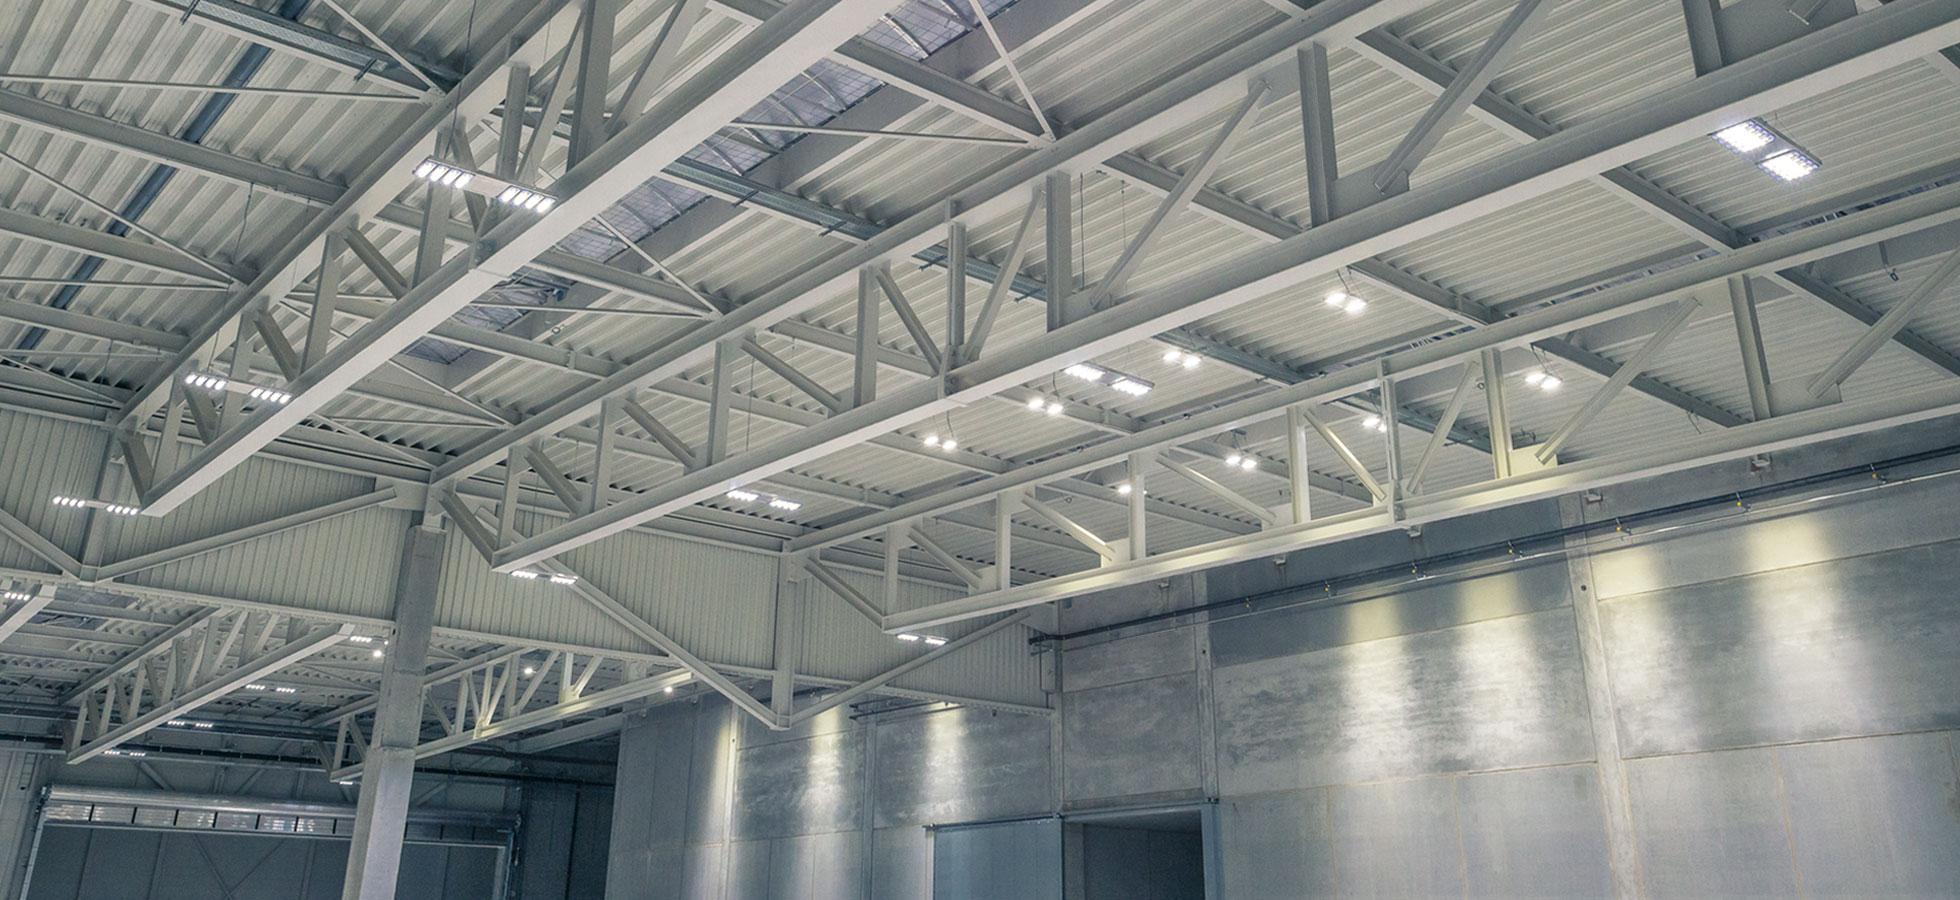 <span>Perfektes Licht zu attraktiven Investitionskosten</span>